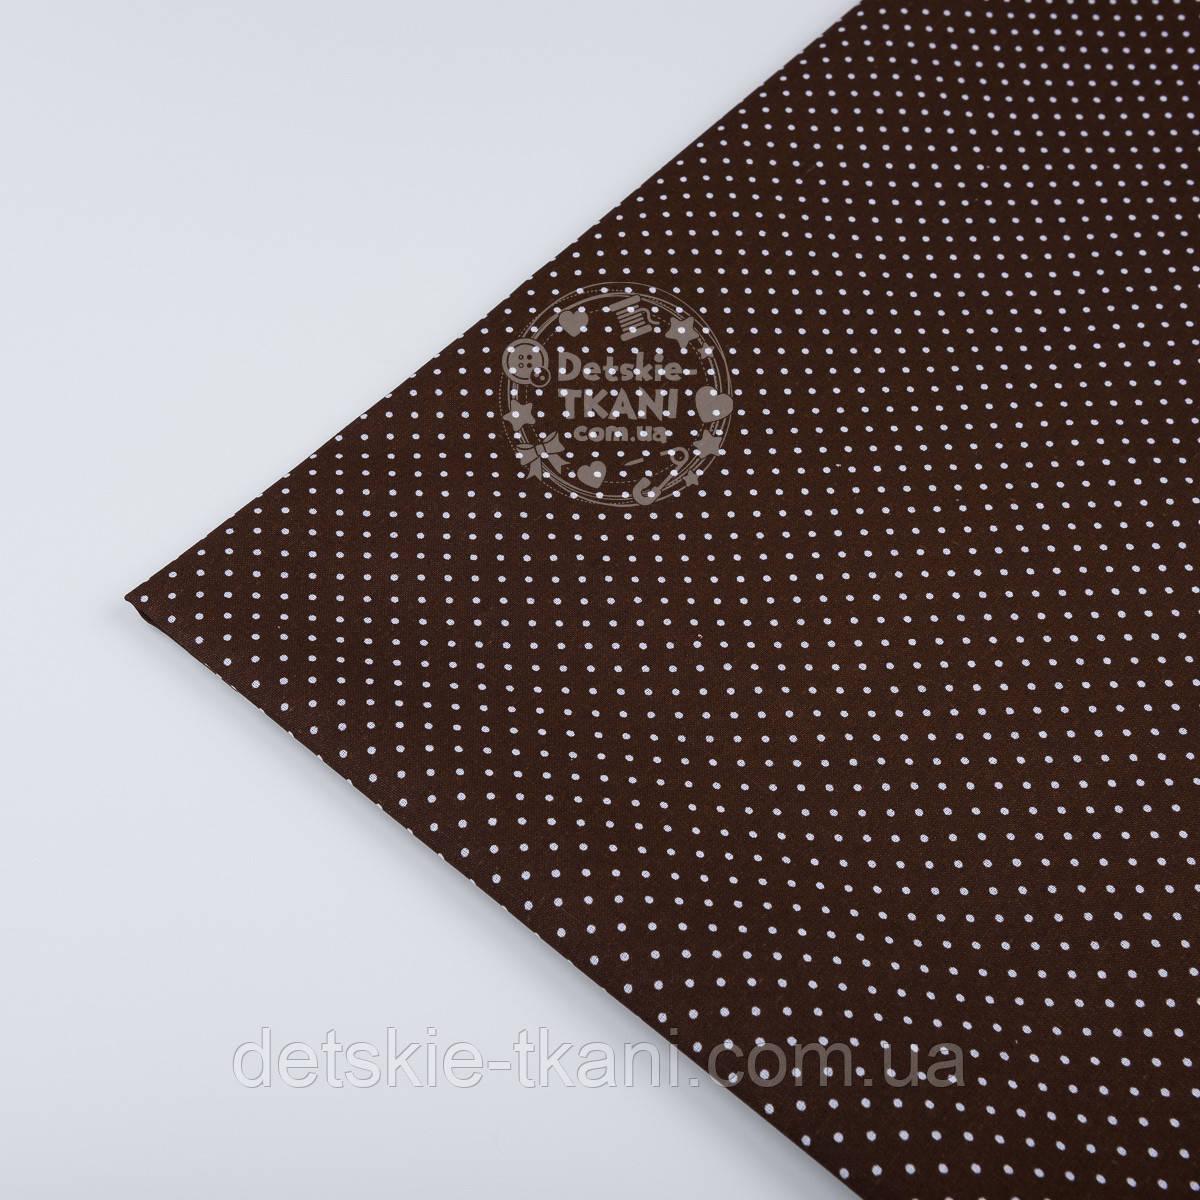 Лоскут ткани №310  с белыми точками на коричневом фоне, размер 52*22 см